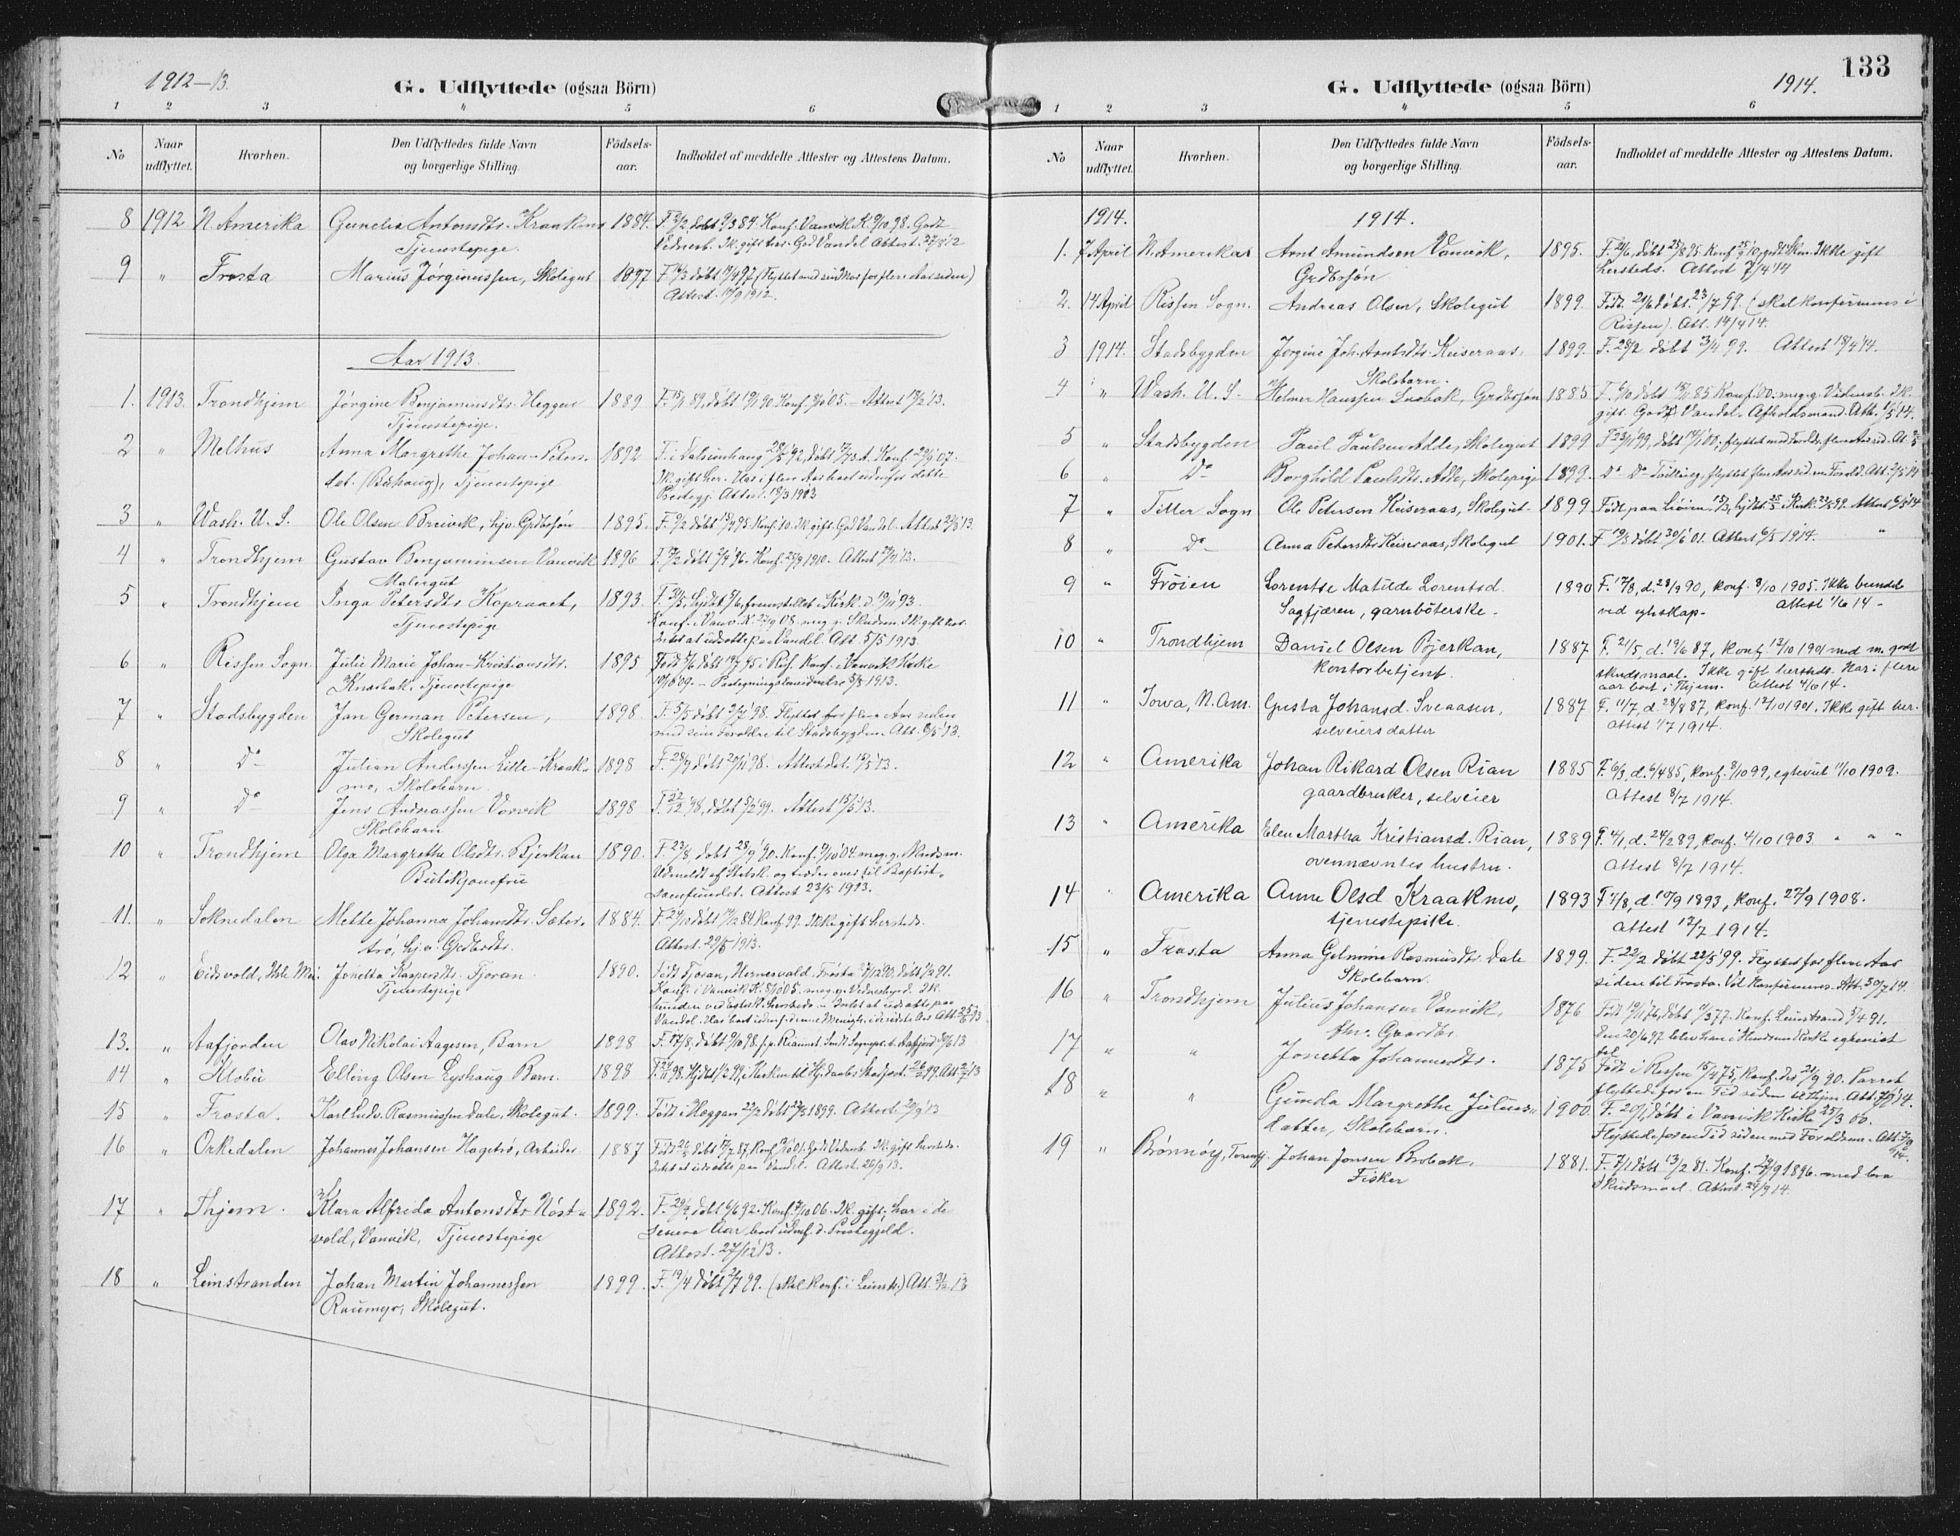 SAT, Ministerialprotokoller, klokkerbøker og fødselsregistre - Nord-Trøndelag, 702/L0024: Ministerialbok nr. 702A02, 1898-1914, s. 133